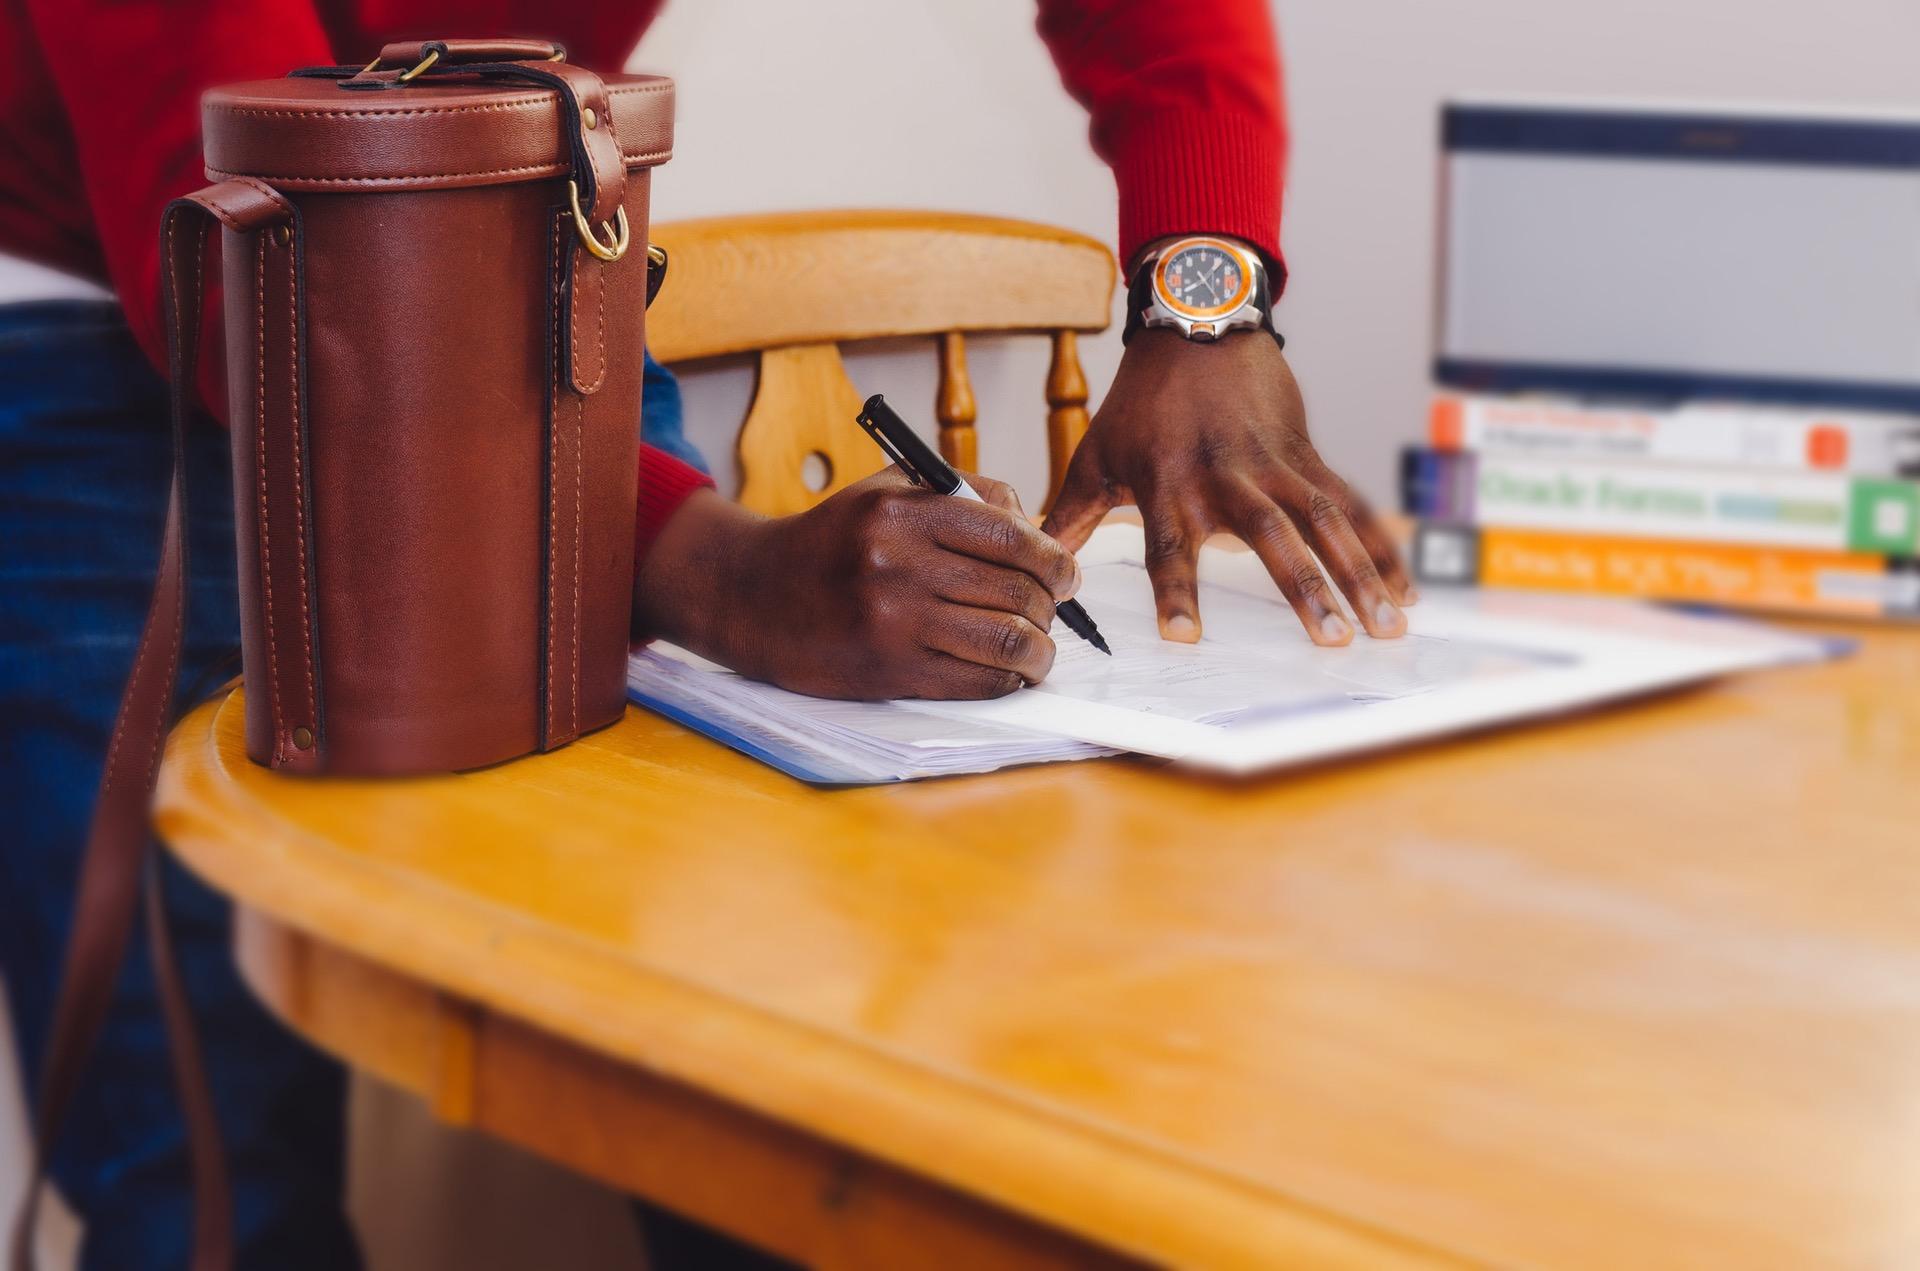 estudar-universidade-mercado-de-trabalho